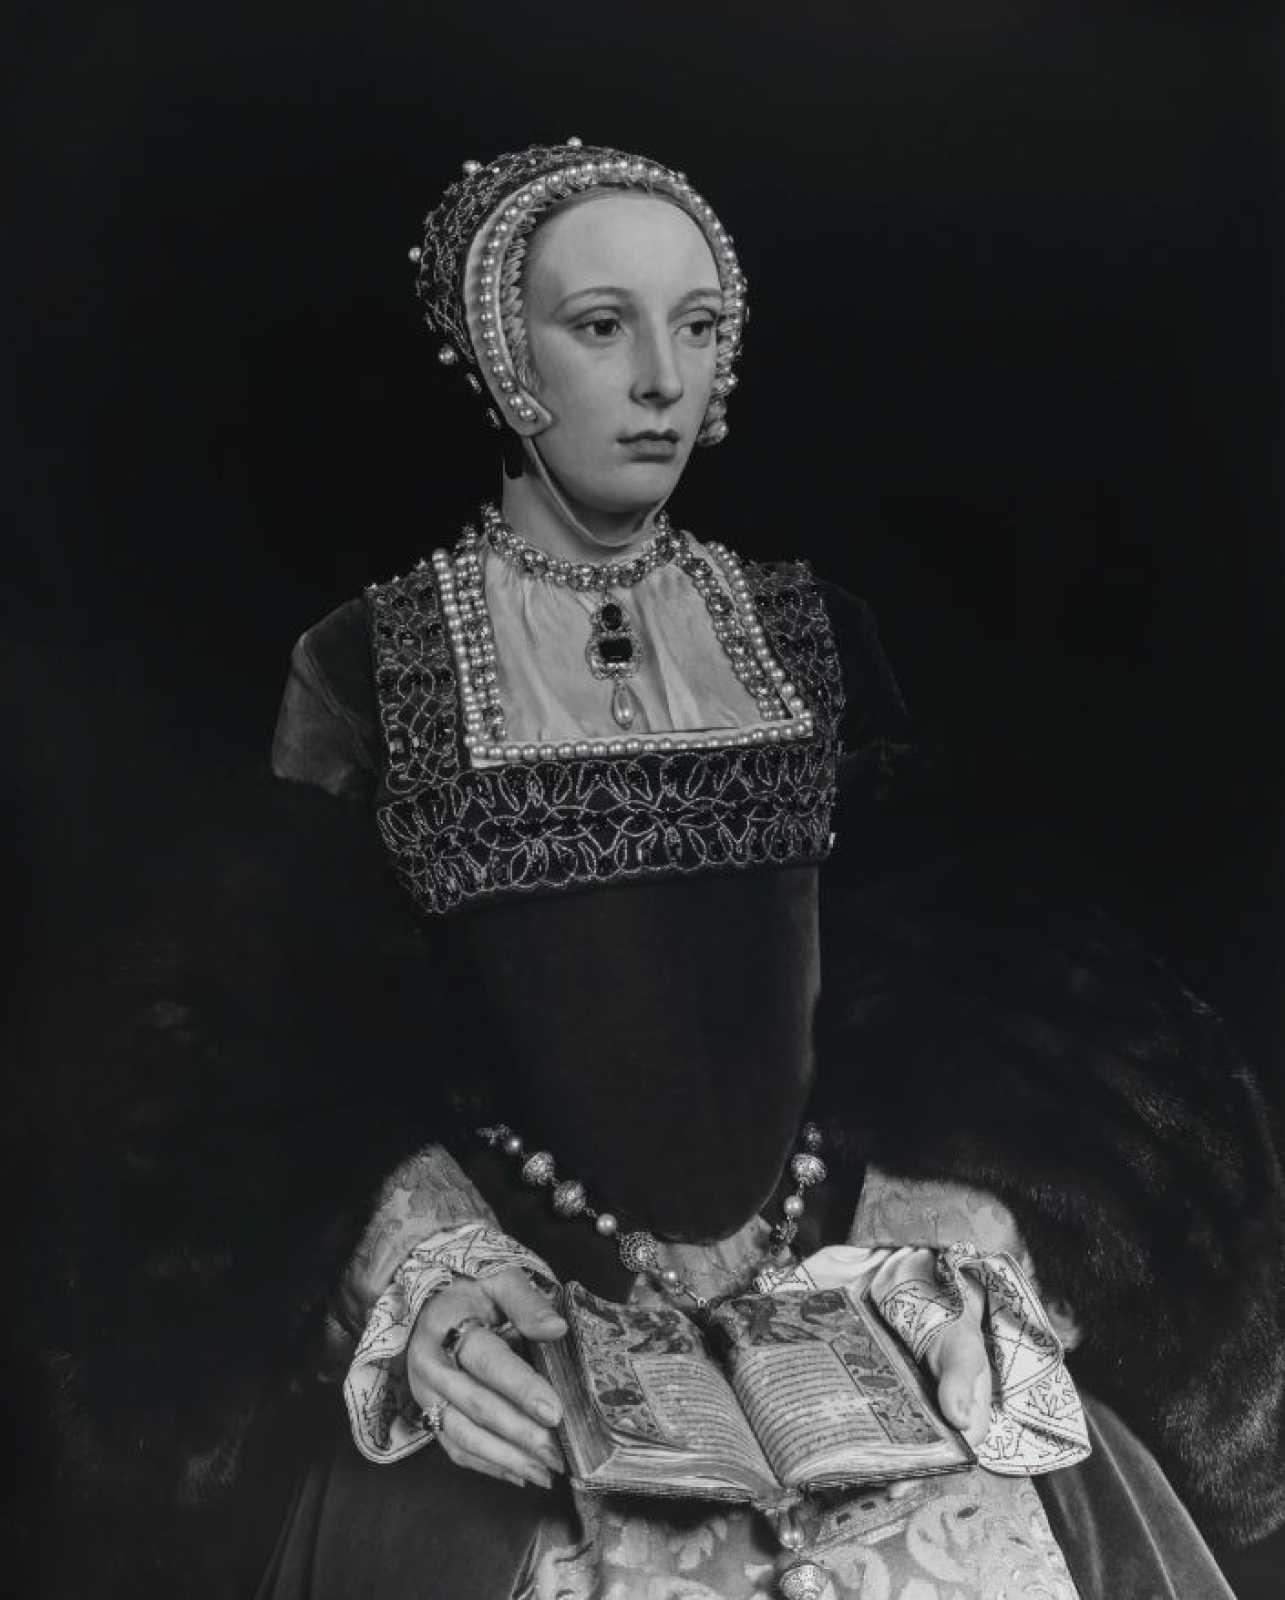 Catherine Howard | 1999 | © Hiroshi Sugimoto / Courtesy of the artist